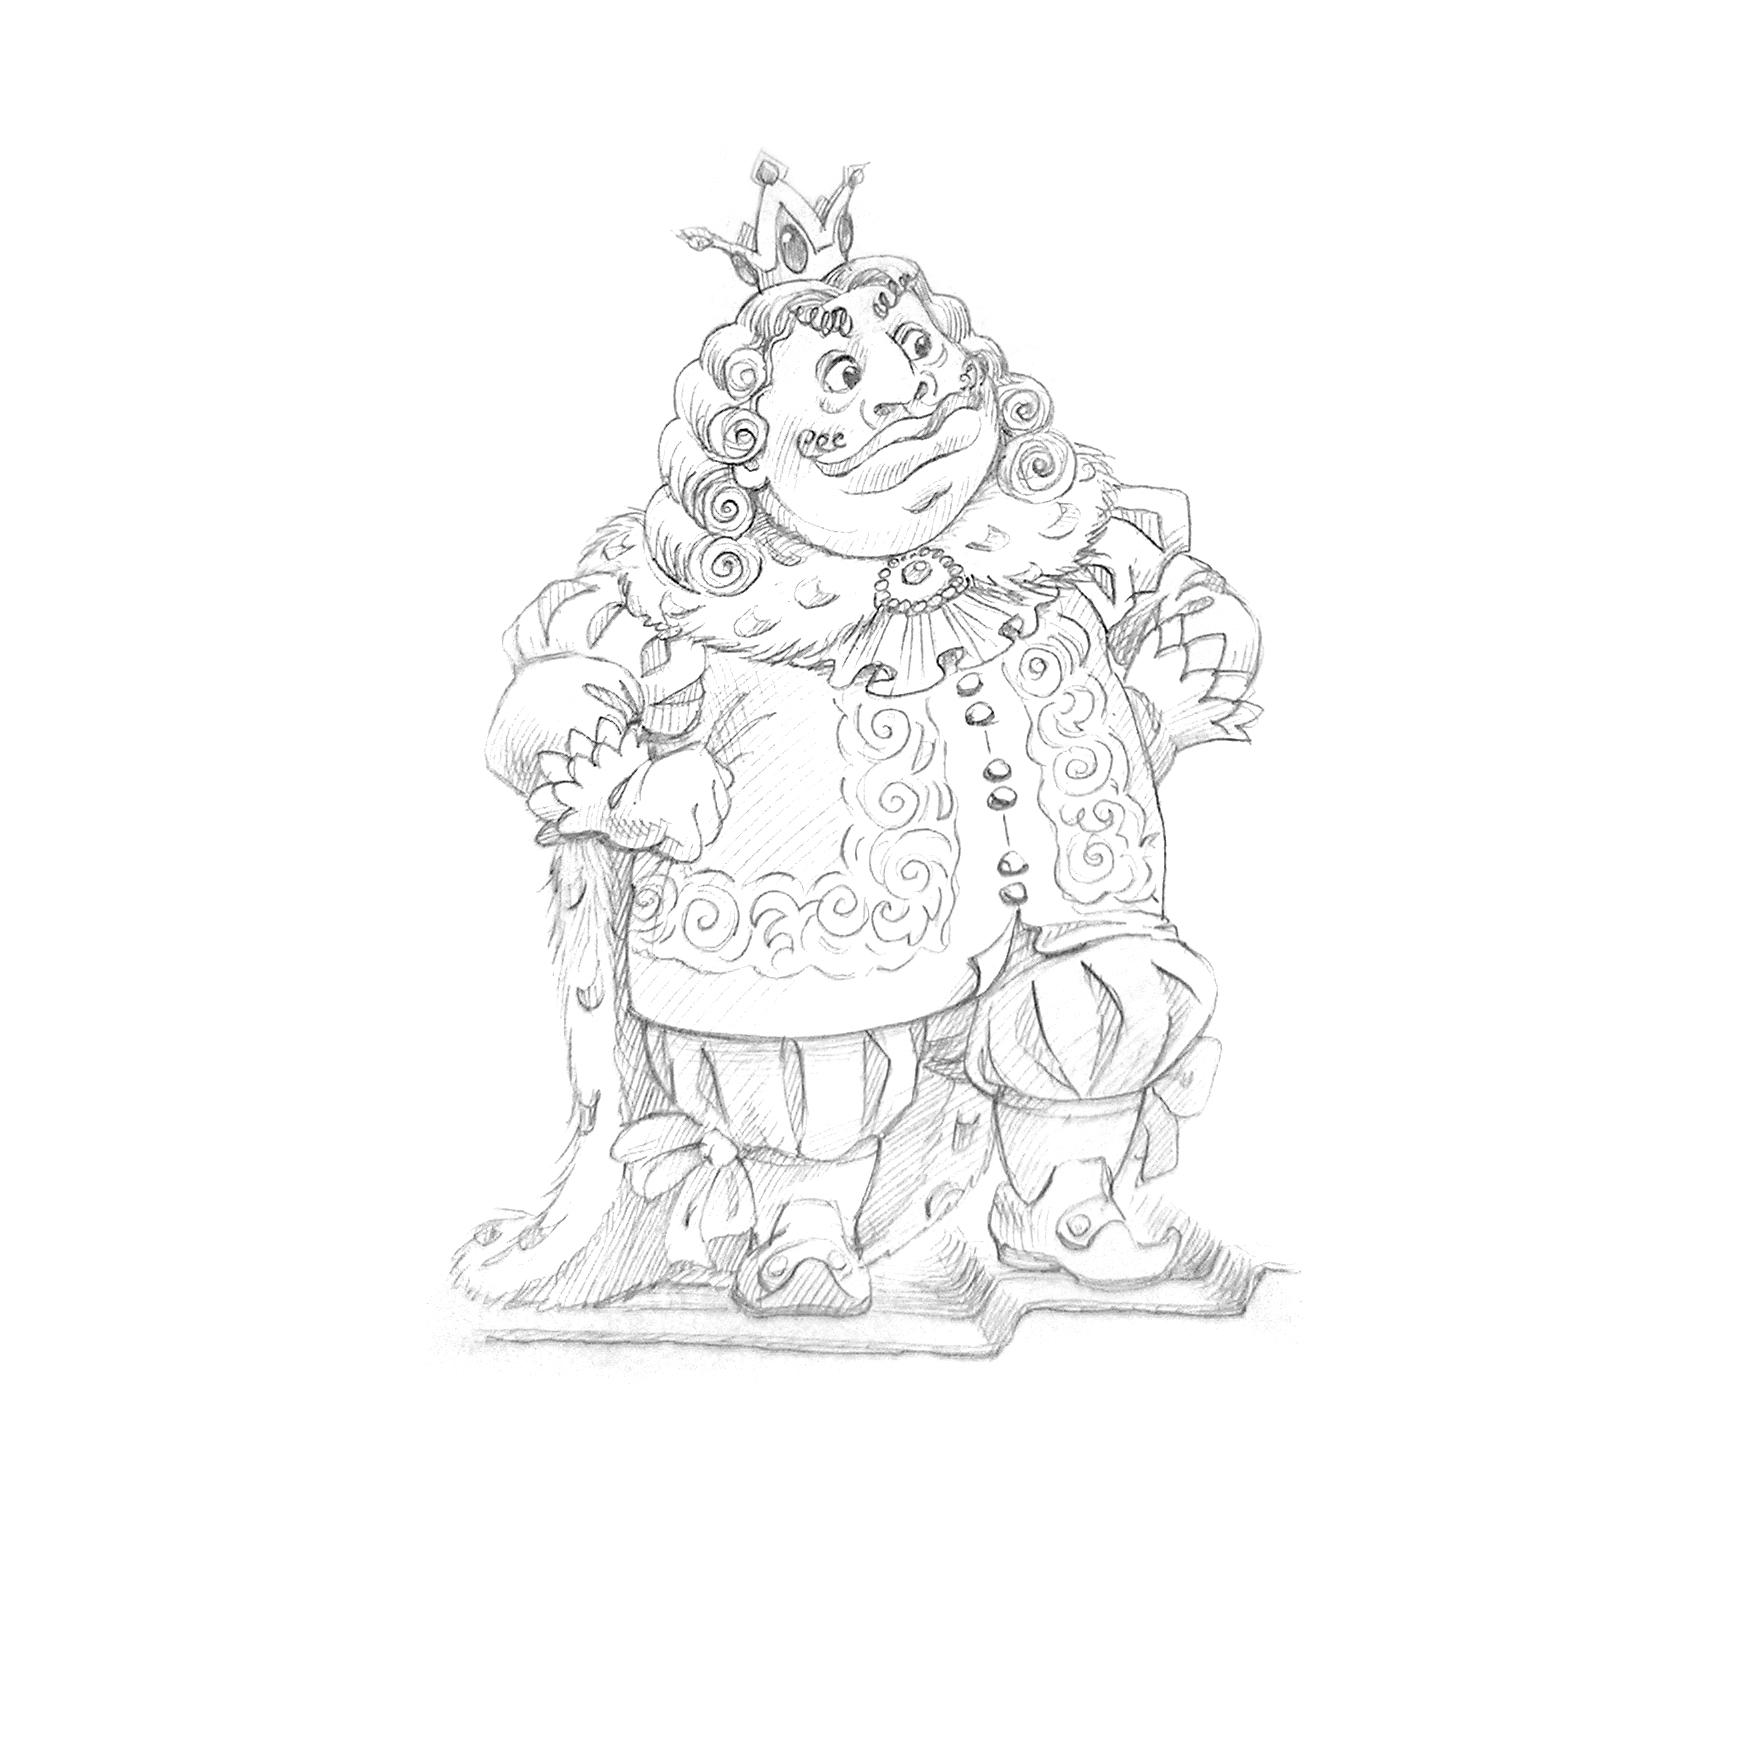 Картинки королевство кривых зеркал карандашом